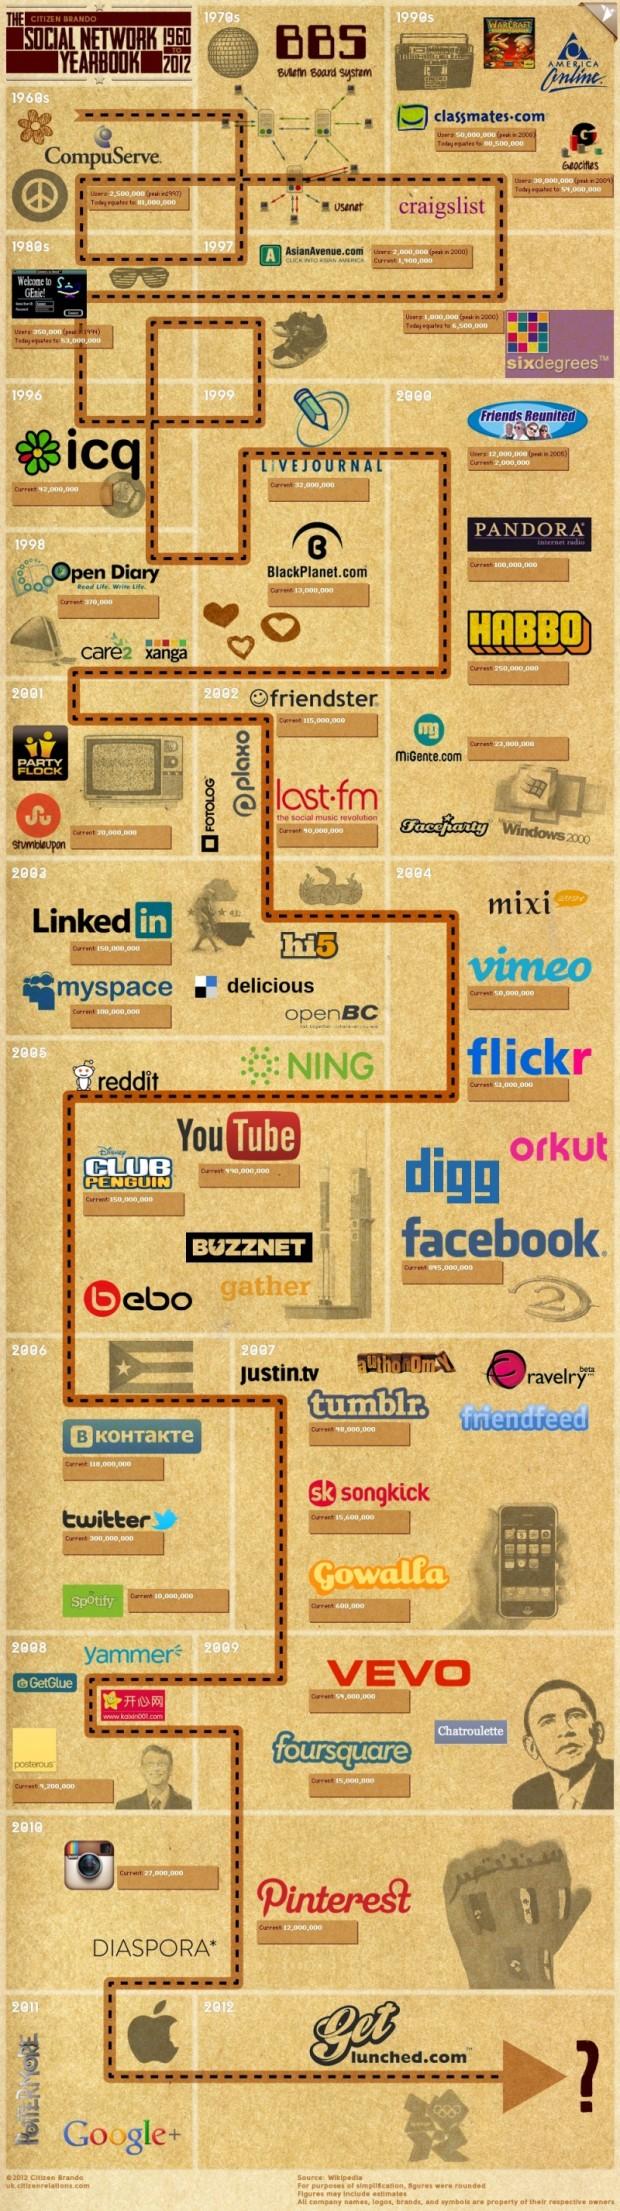 Social Networks Timeline